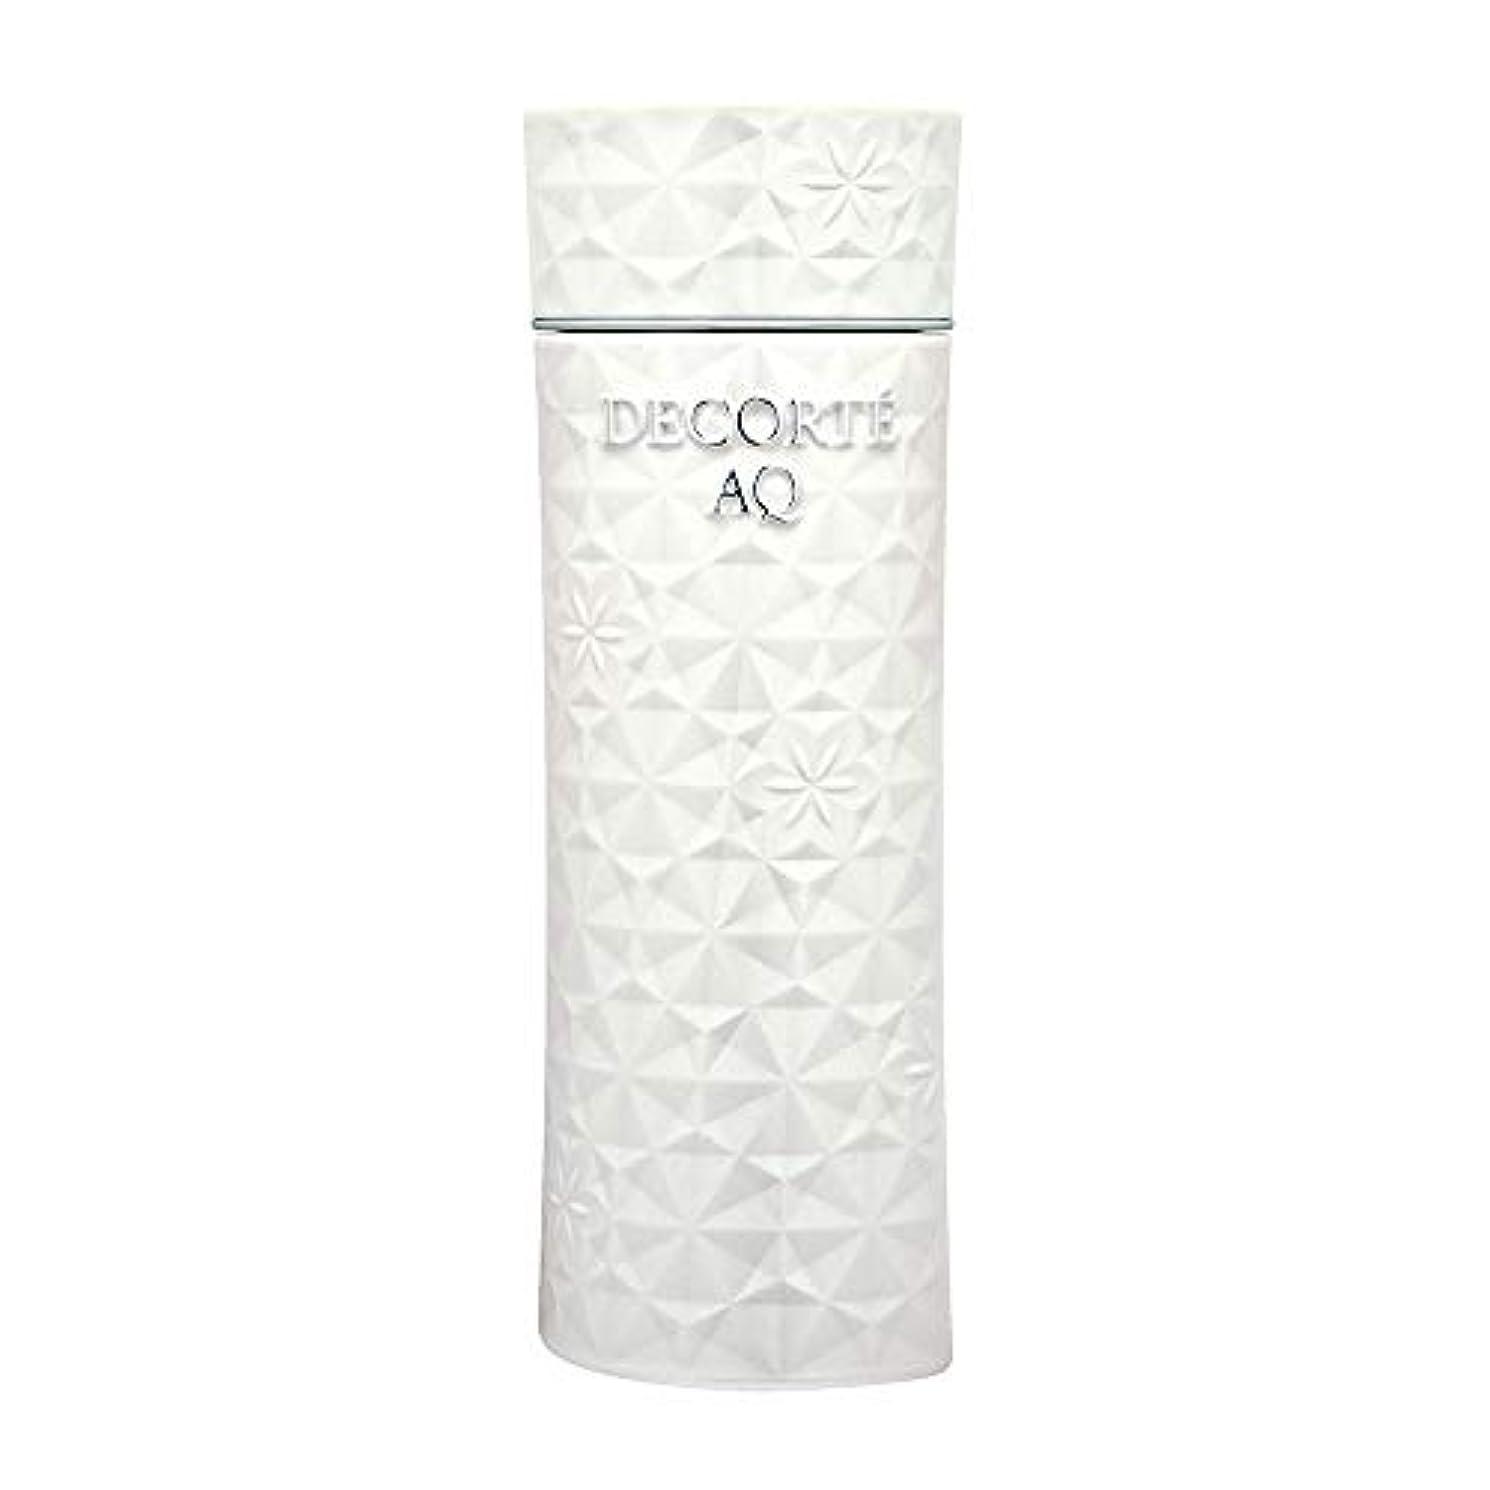 成熟高音小包コーセー コスメデコルテ AQ ホワイトニング ローション 200mL [ 化粧水 ] [並行輸入品]